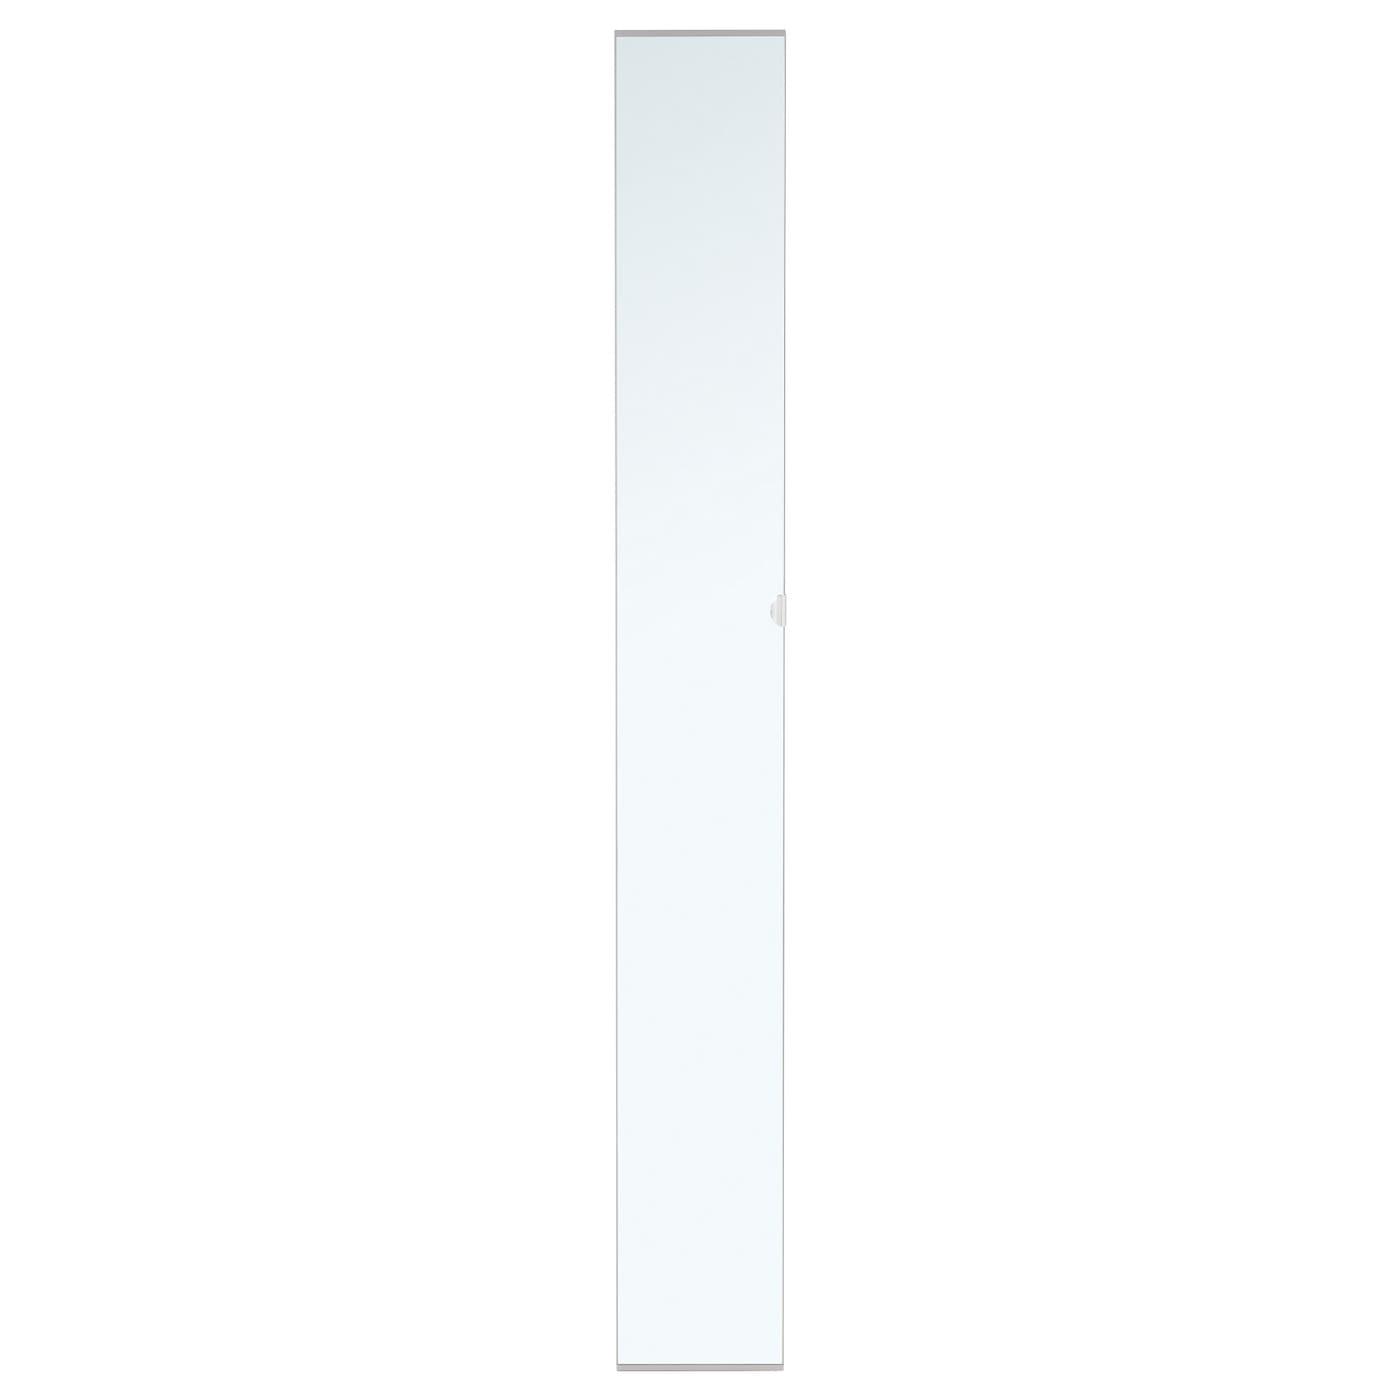 Vikedal porte avec charni res miroir 25x195 cm ikea for Ikea porte miroir